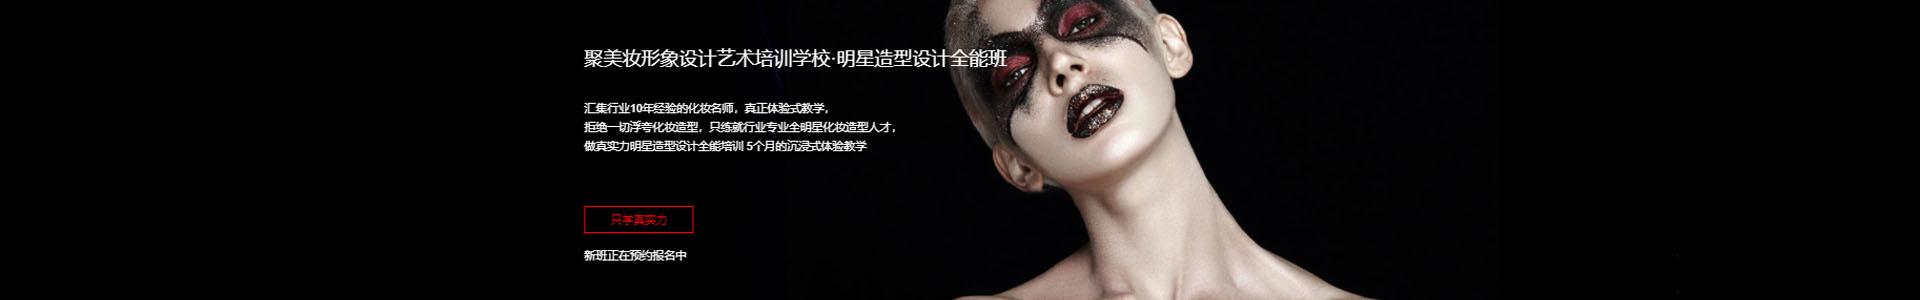 鄭州聚美妝美妝學院